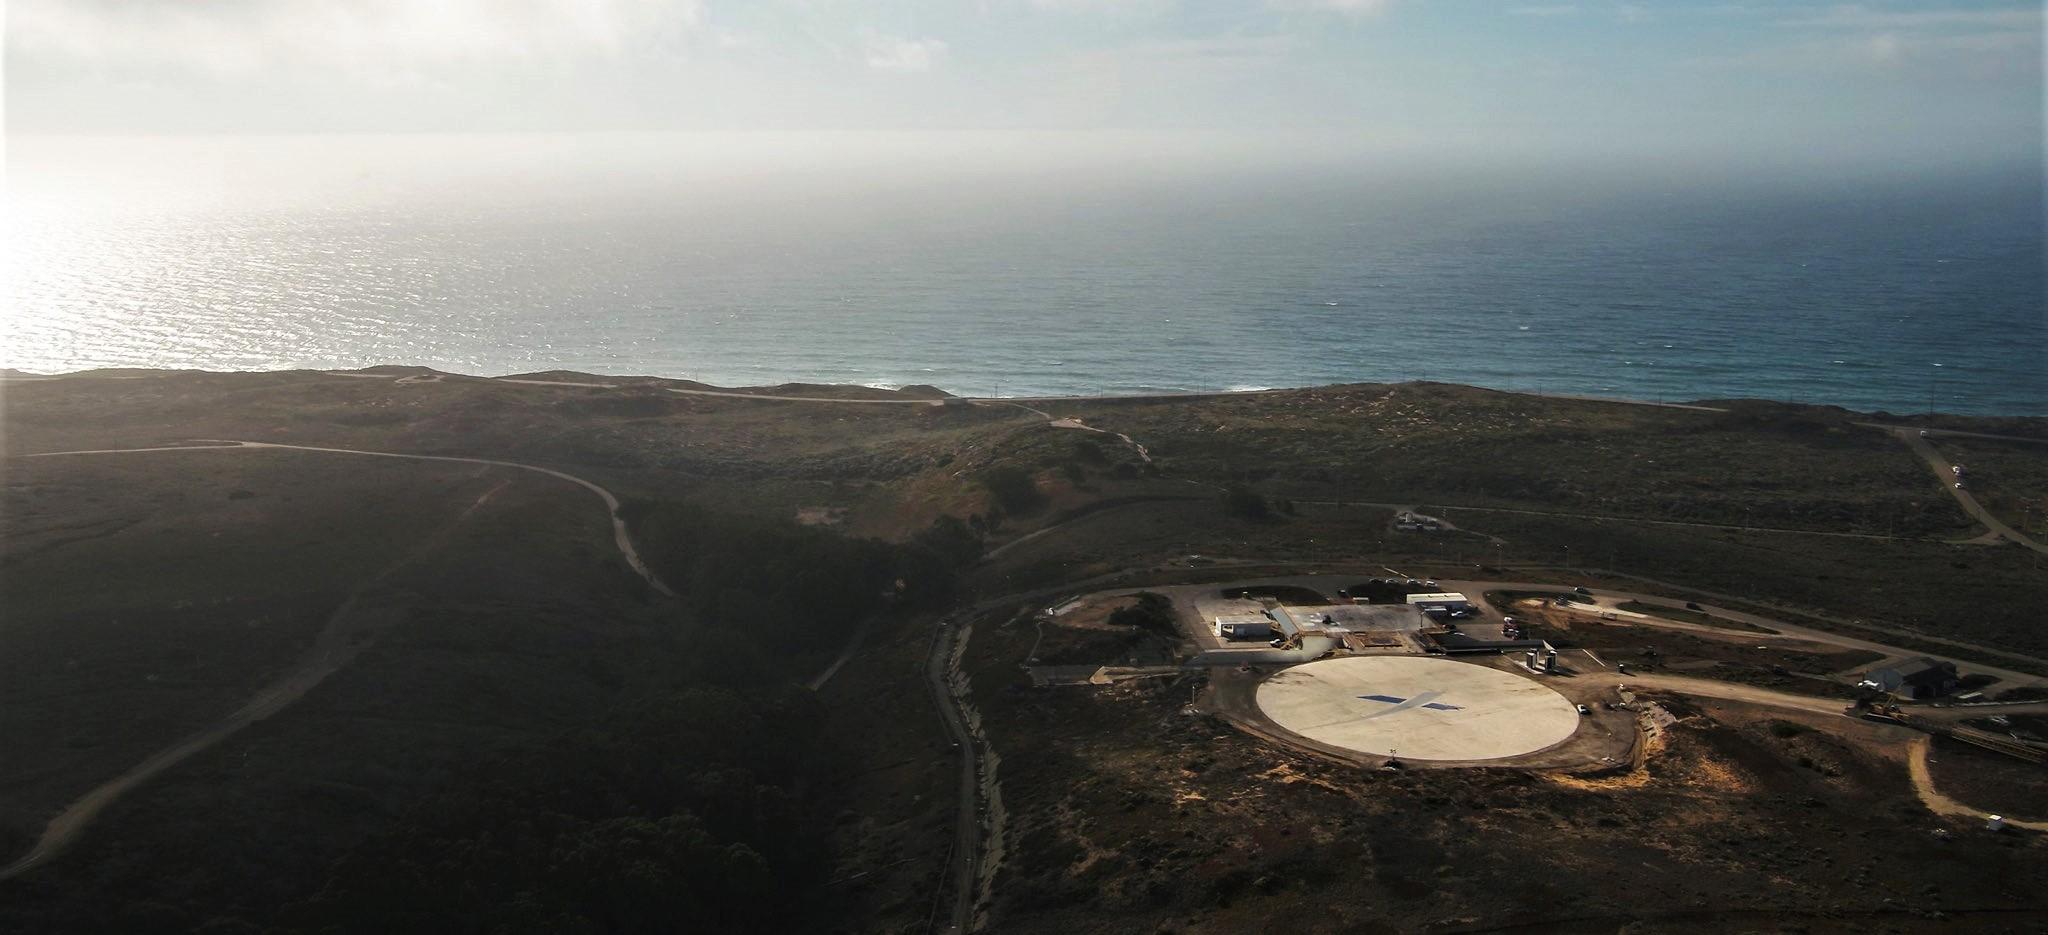 LZ-4 Oct 2018 (SpaceX) 1 crop